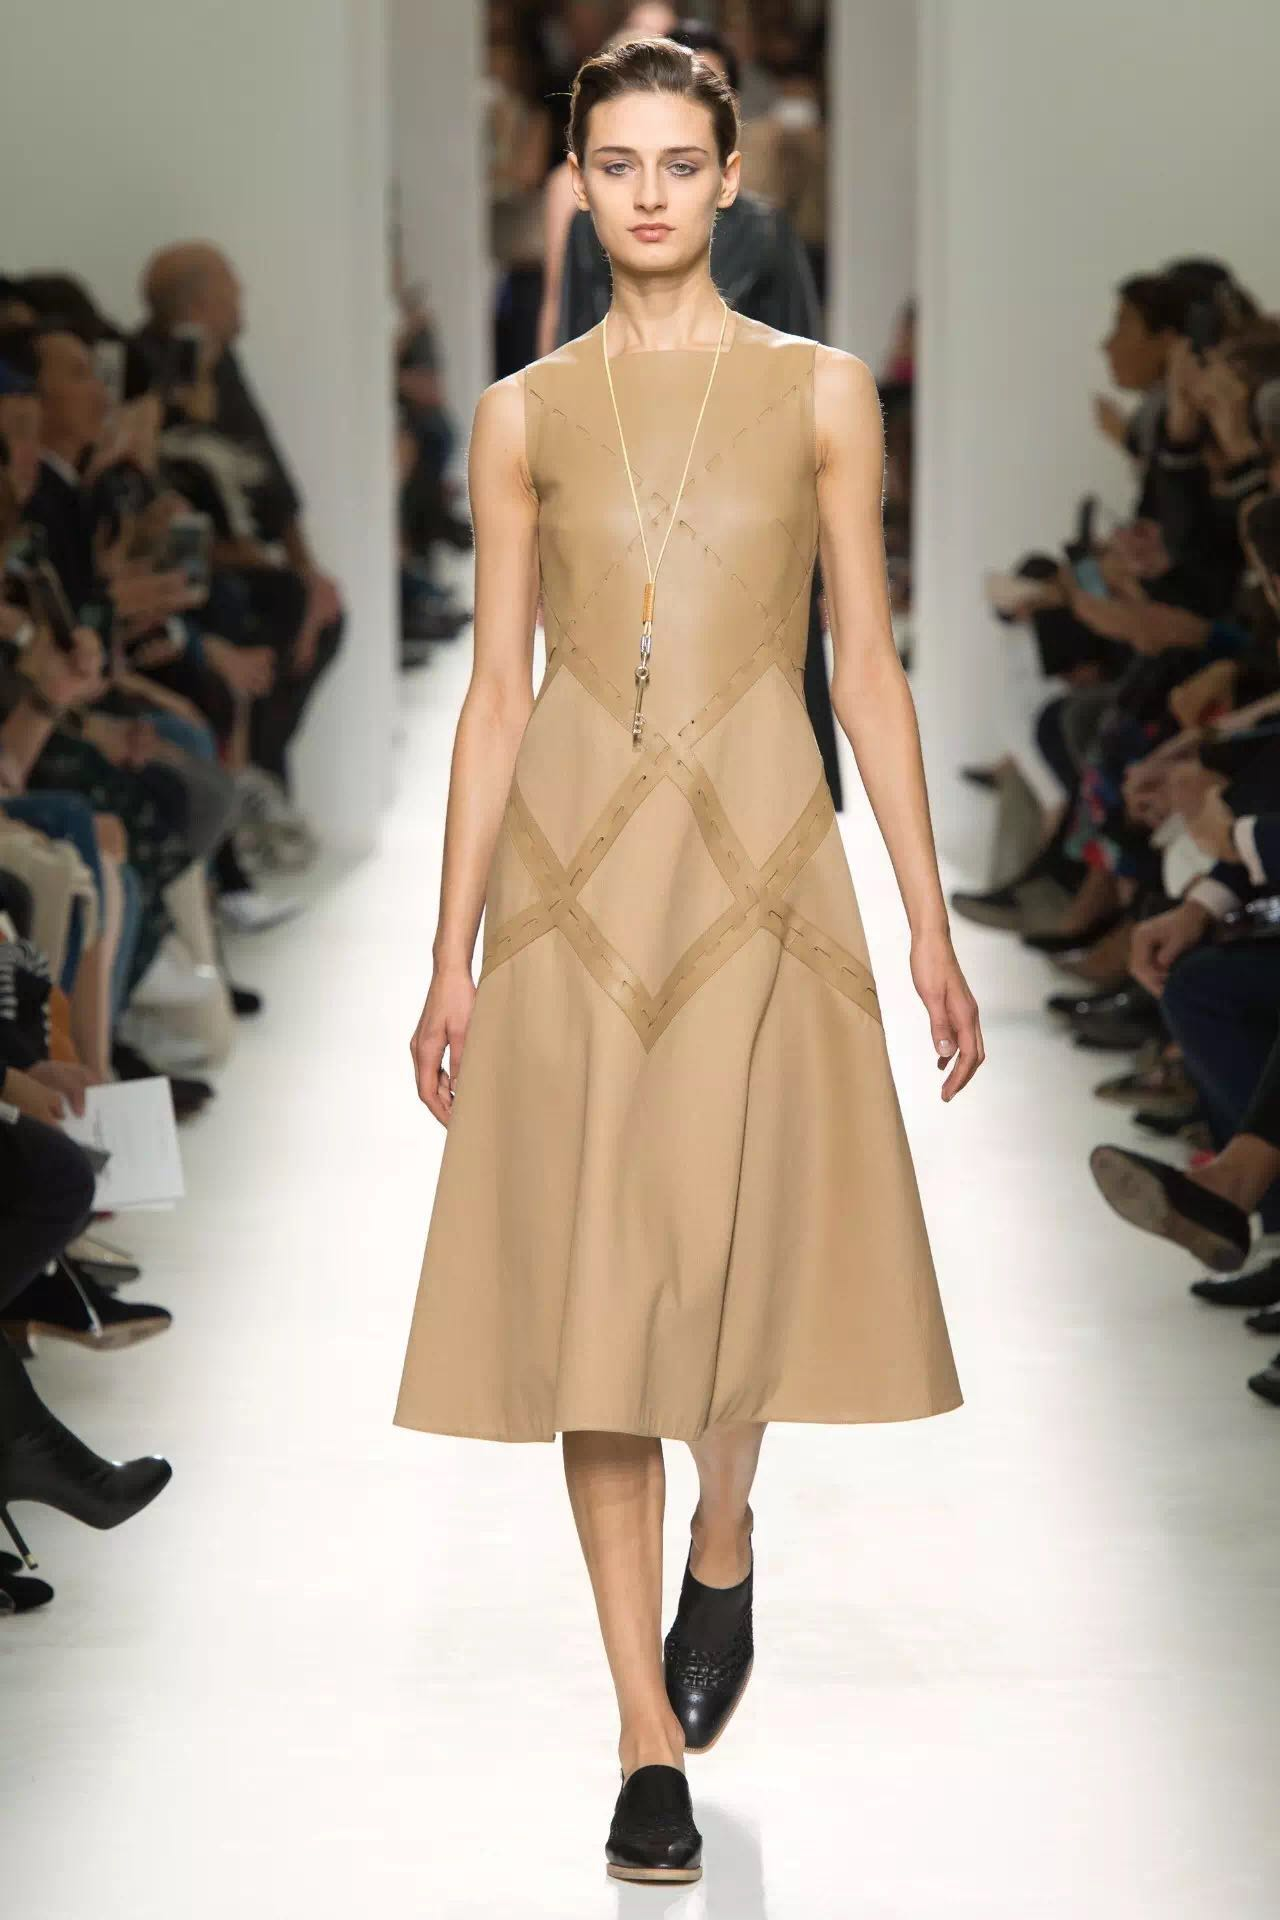 巴黎时装周上的新潮流是这些!为时尚先锋指点一二(图7)